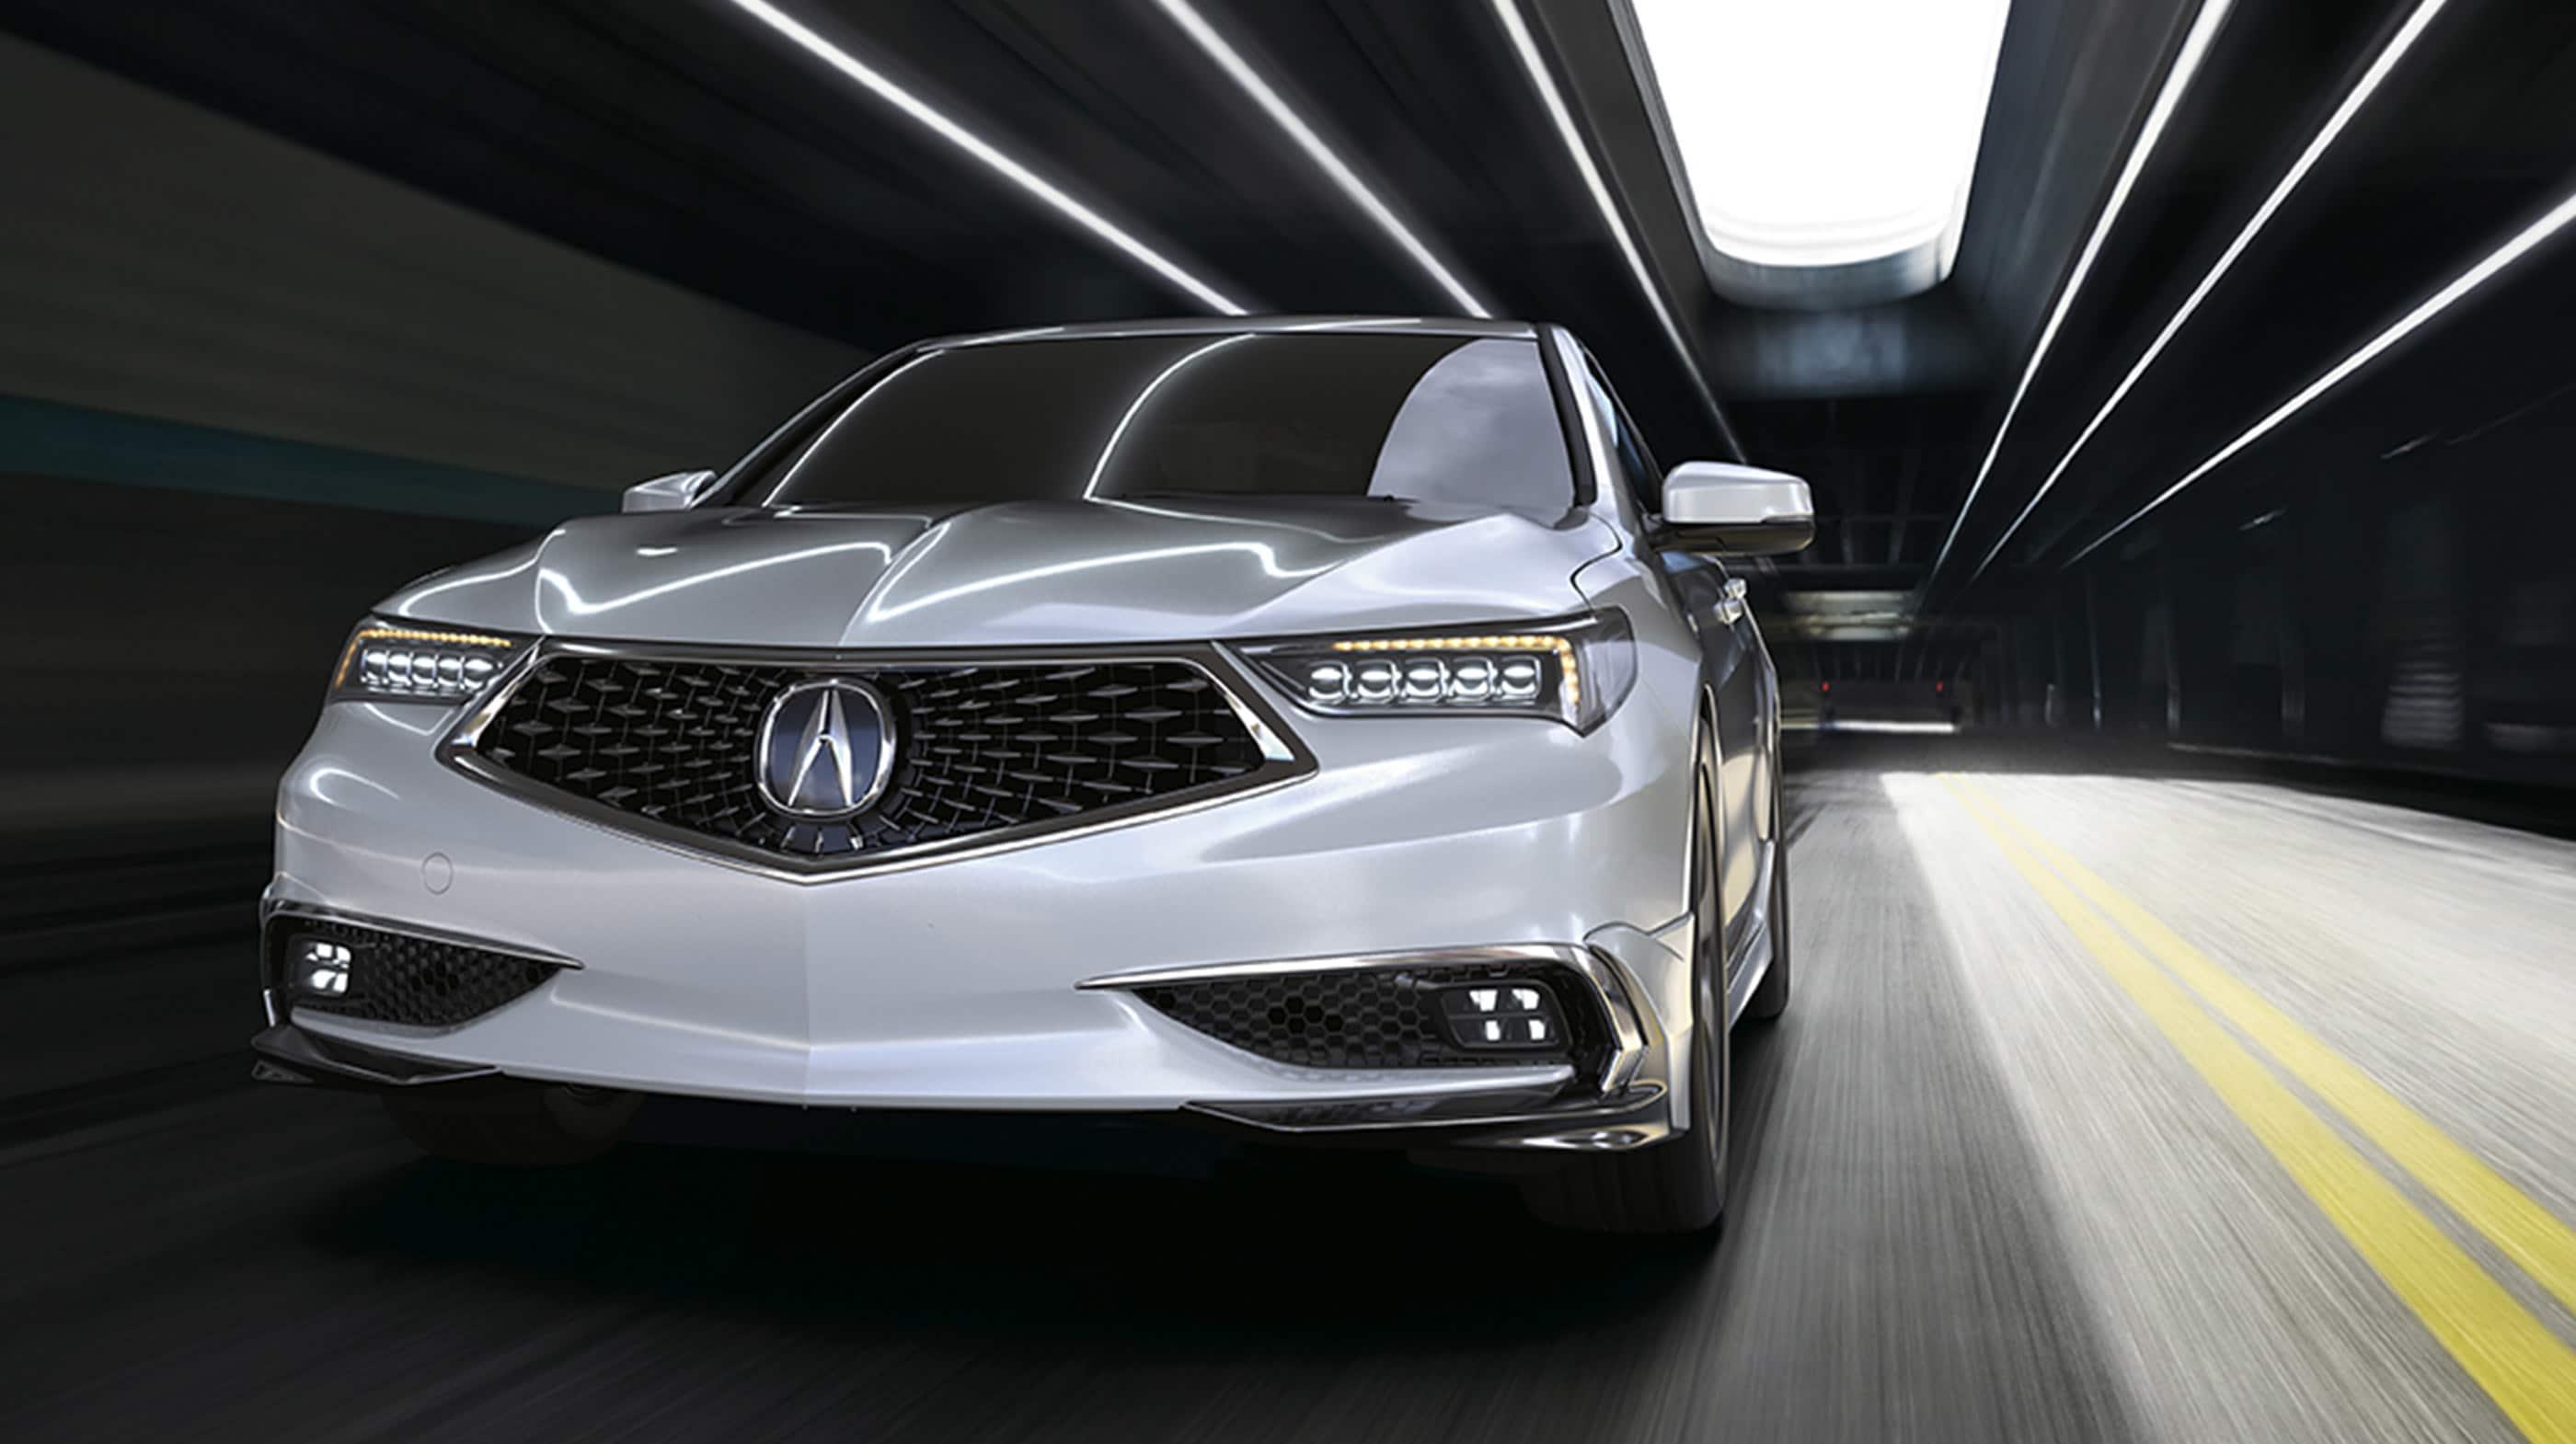 2020 Acura Tlx For Sale Near Cicero Il